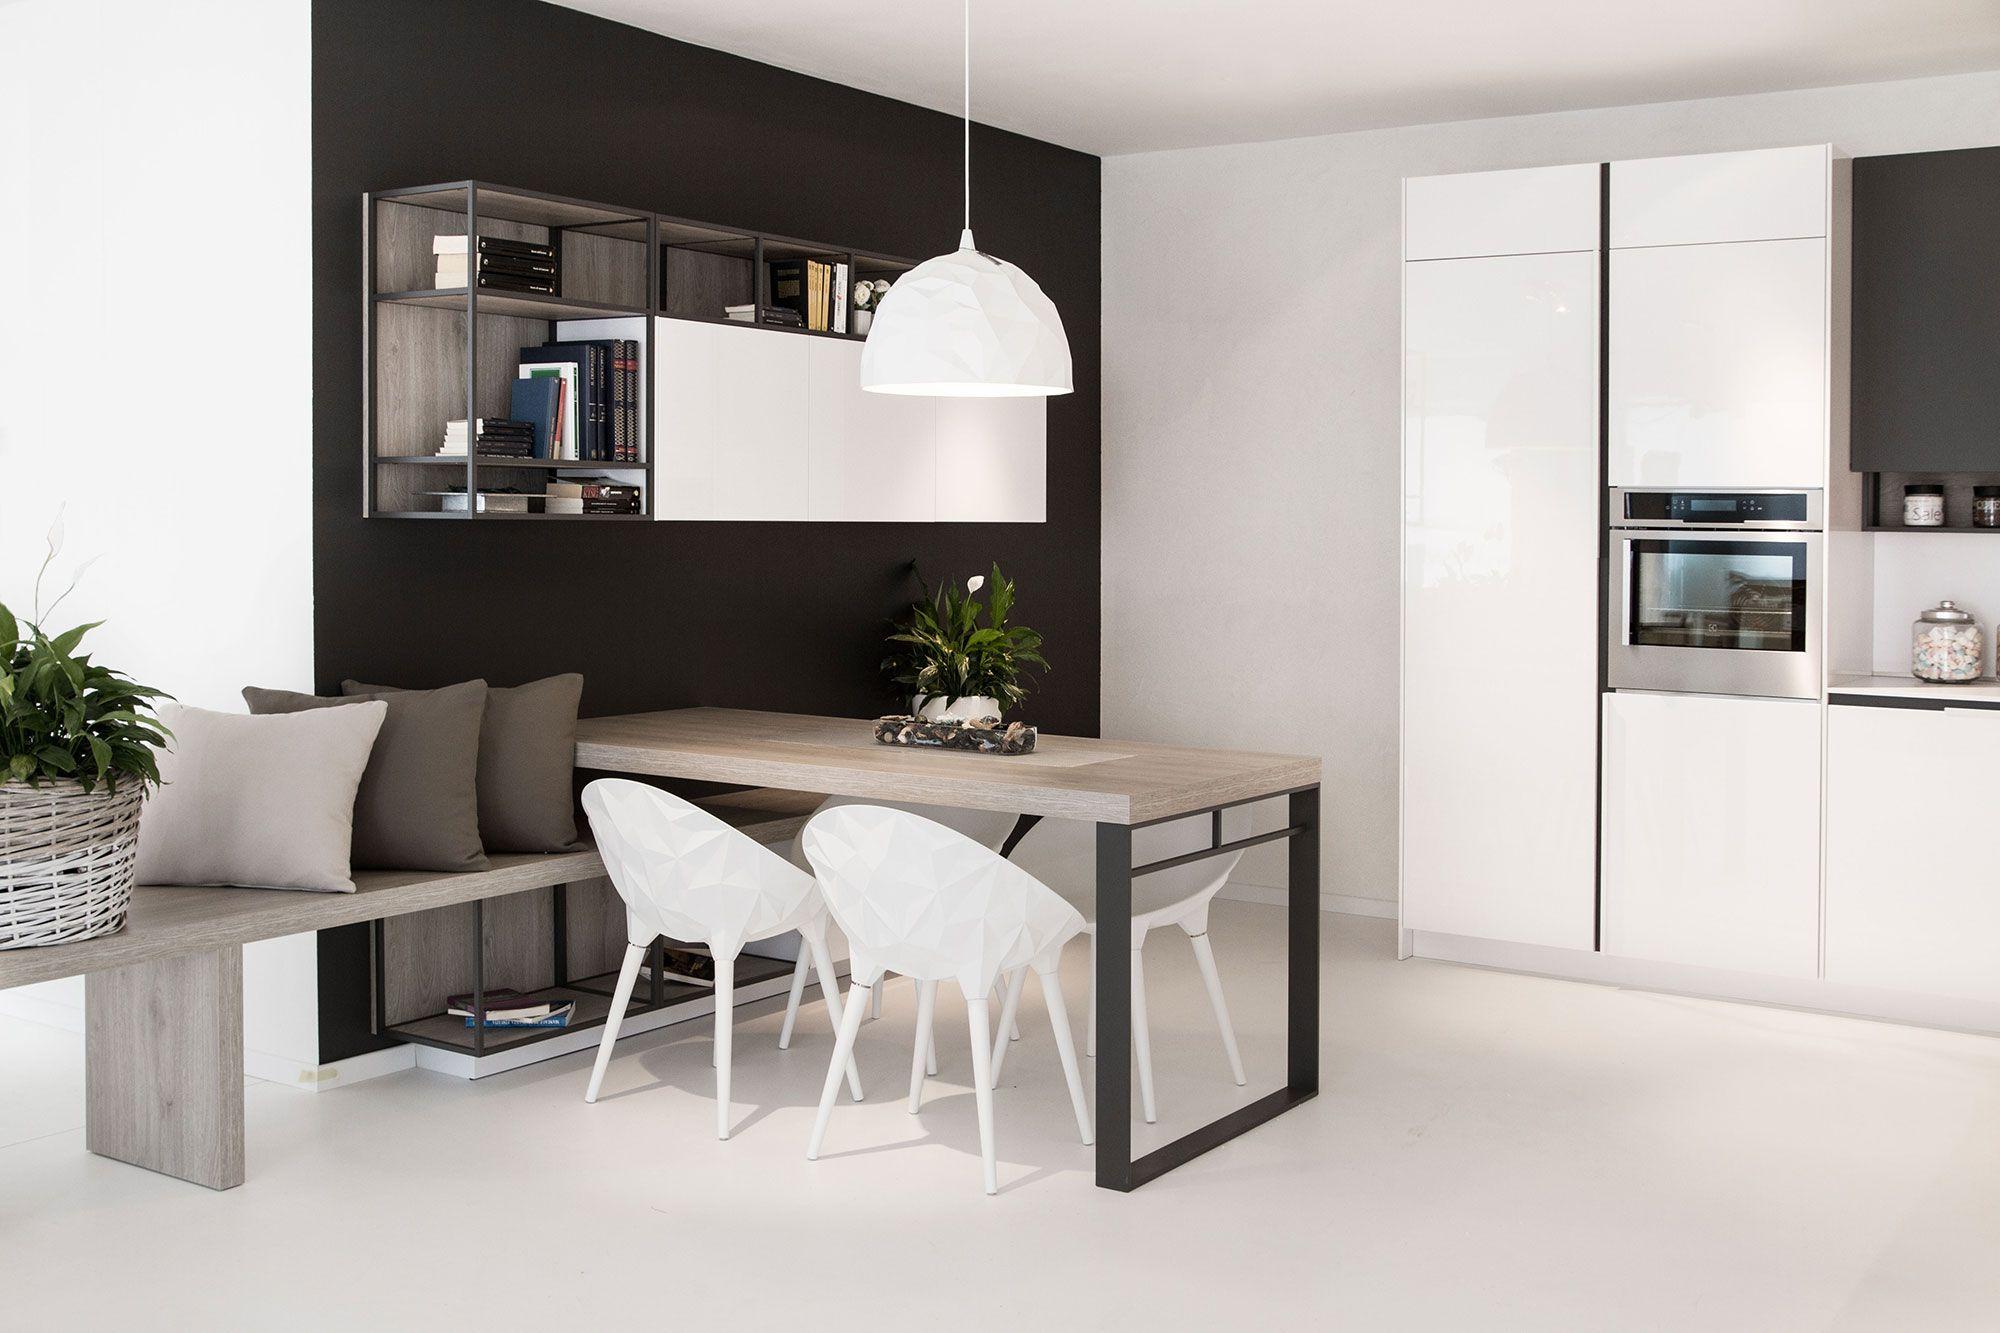 realizzazione cucina moderna Loft | Kitchen designs nel 2019 ...